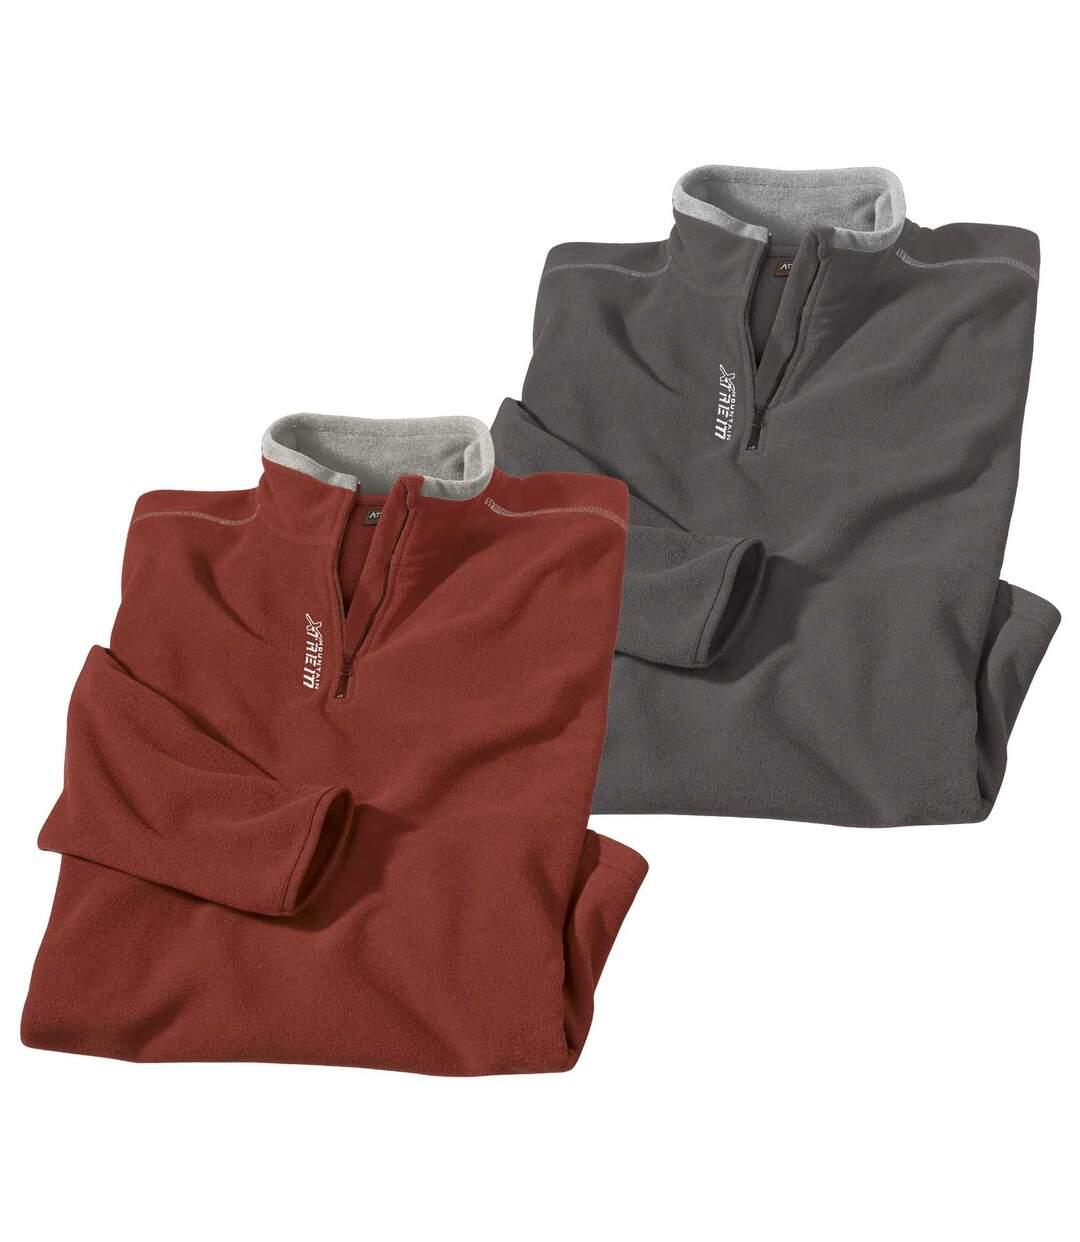 Pack of 2 Half Zip Microfleece Pullovers - Red, Grey